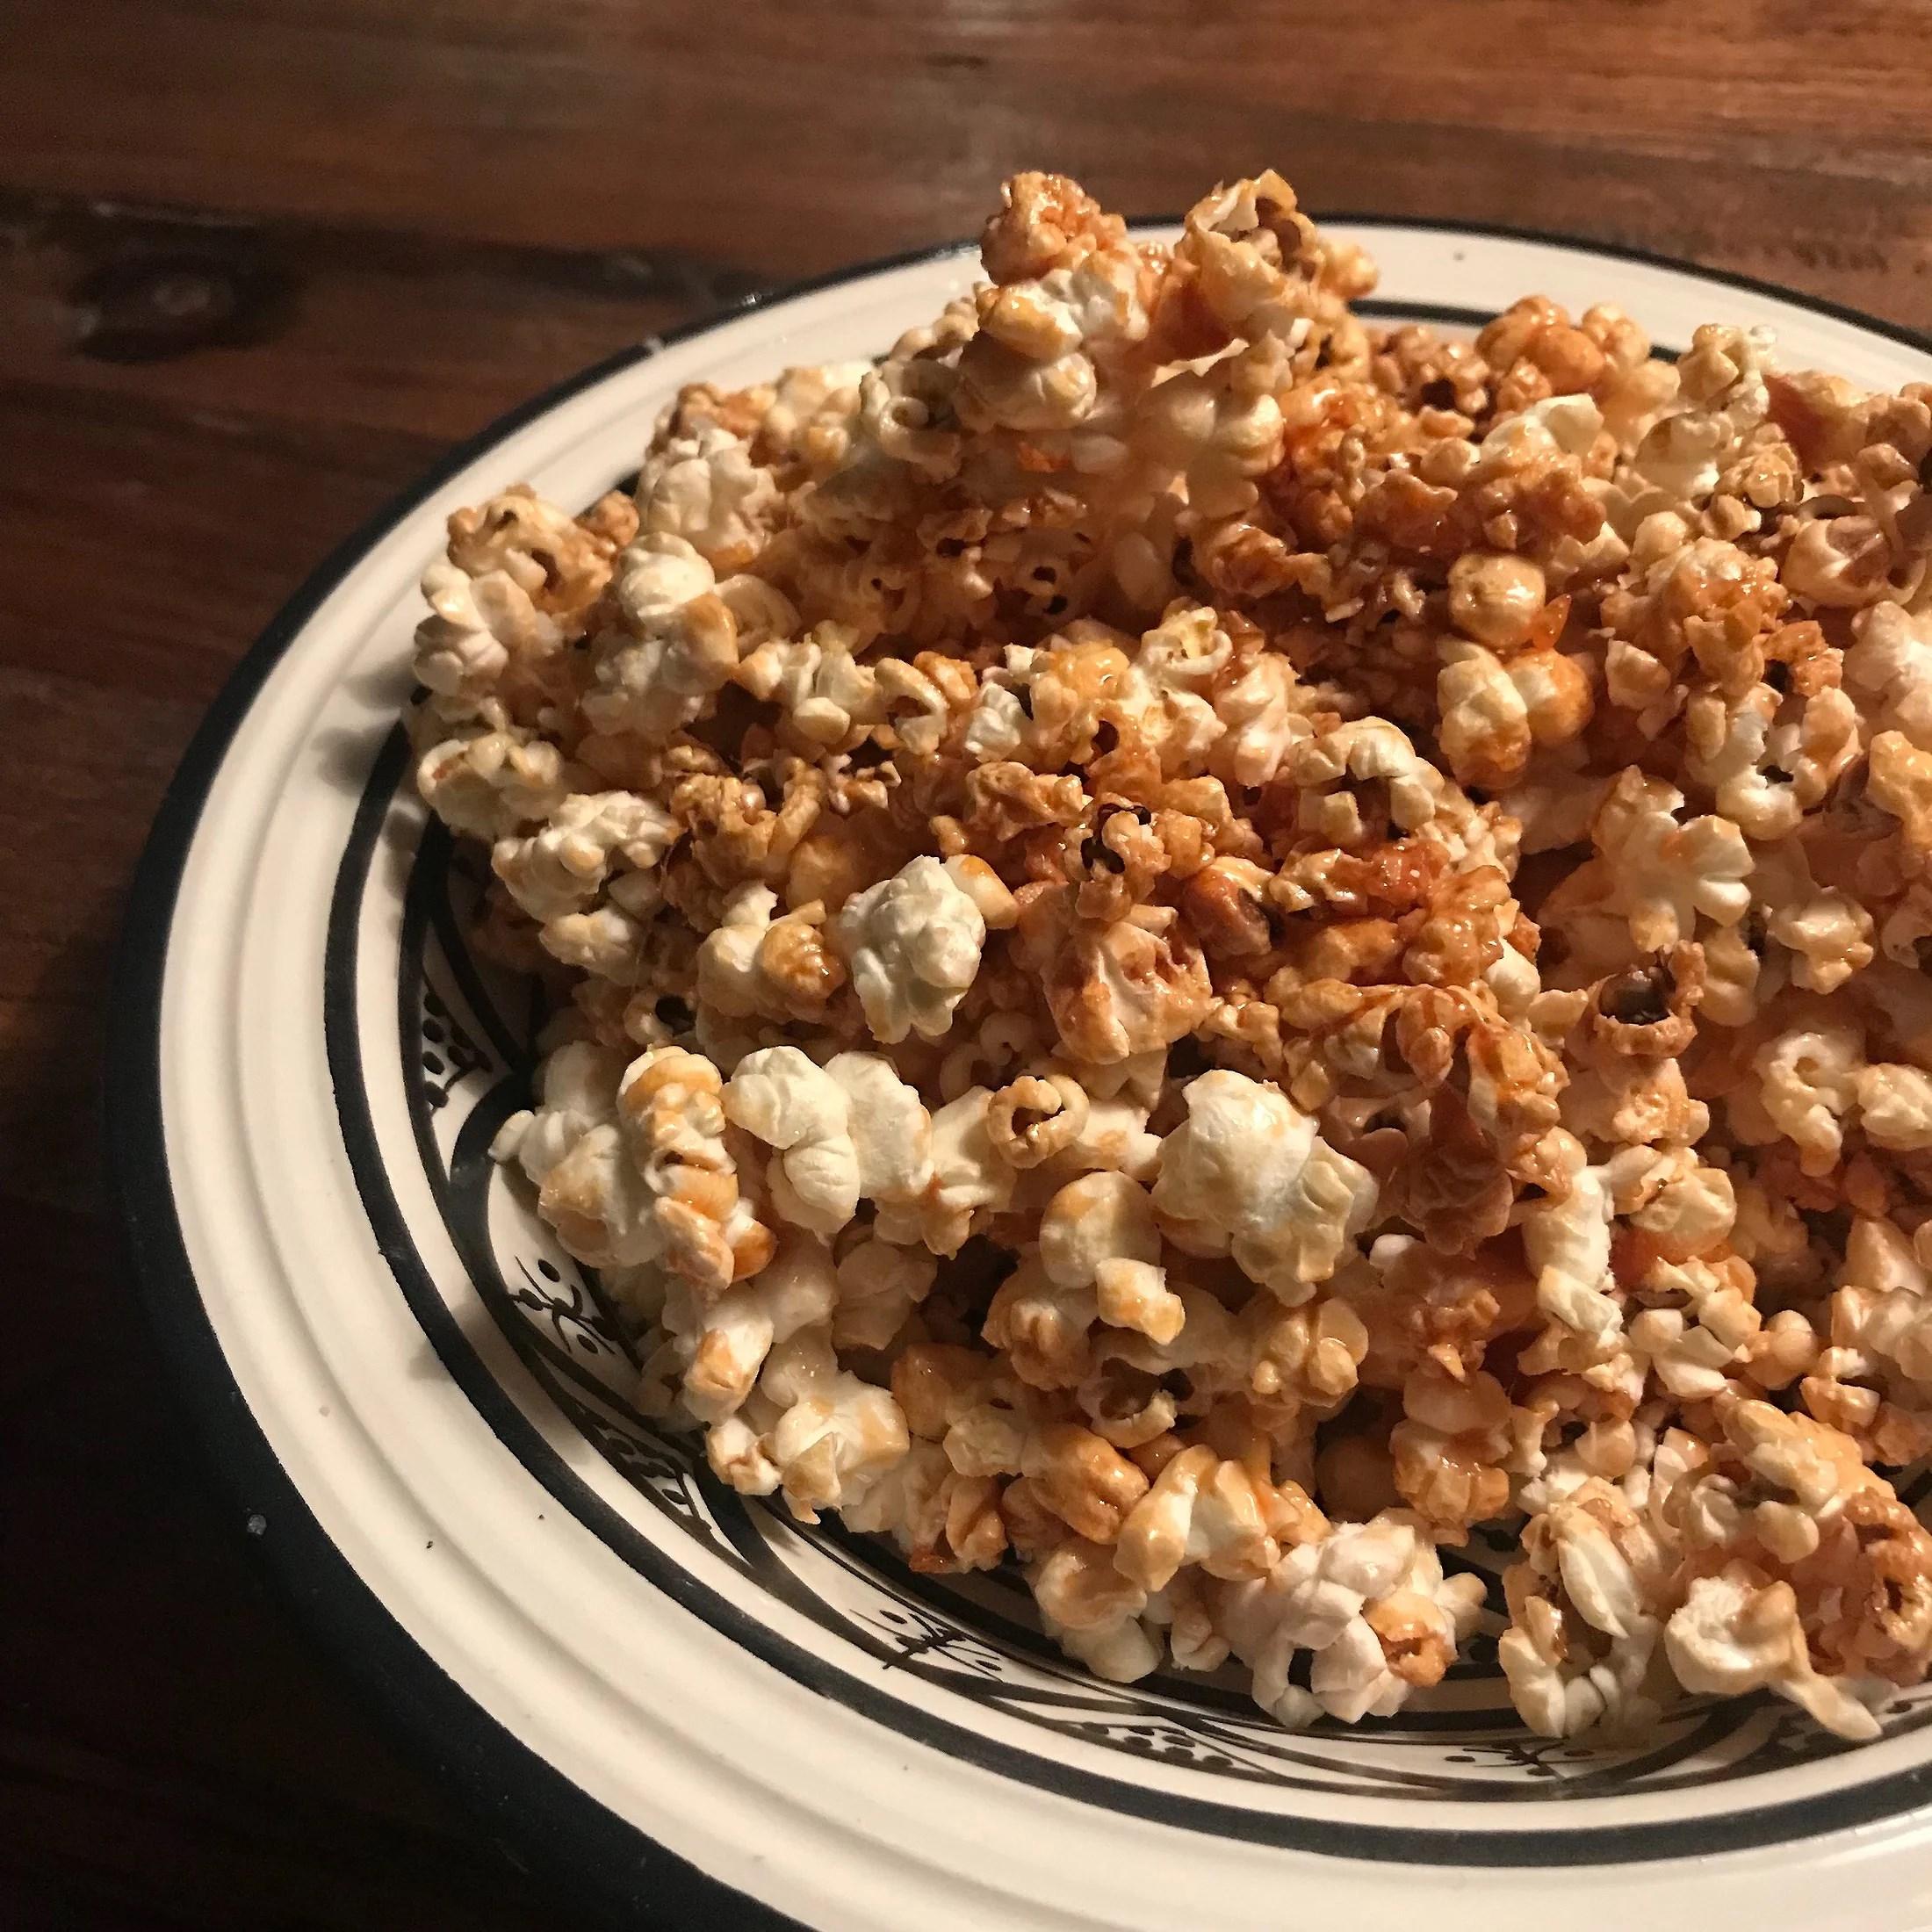 [sötsalta] colapopcorn är livet